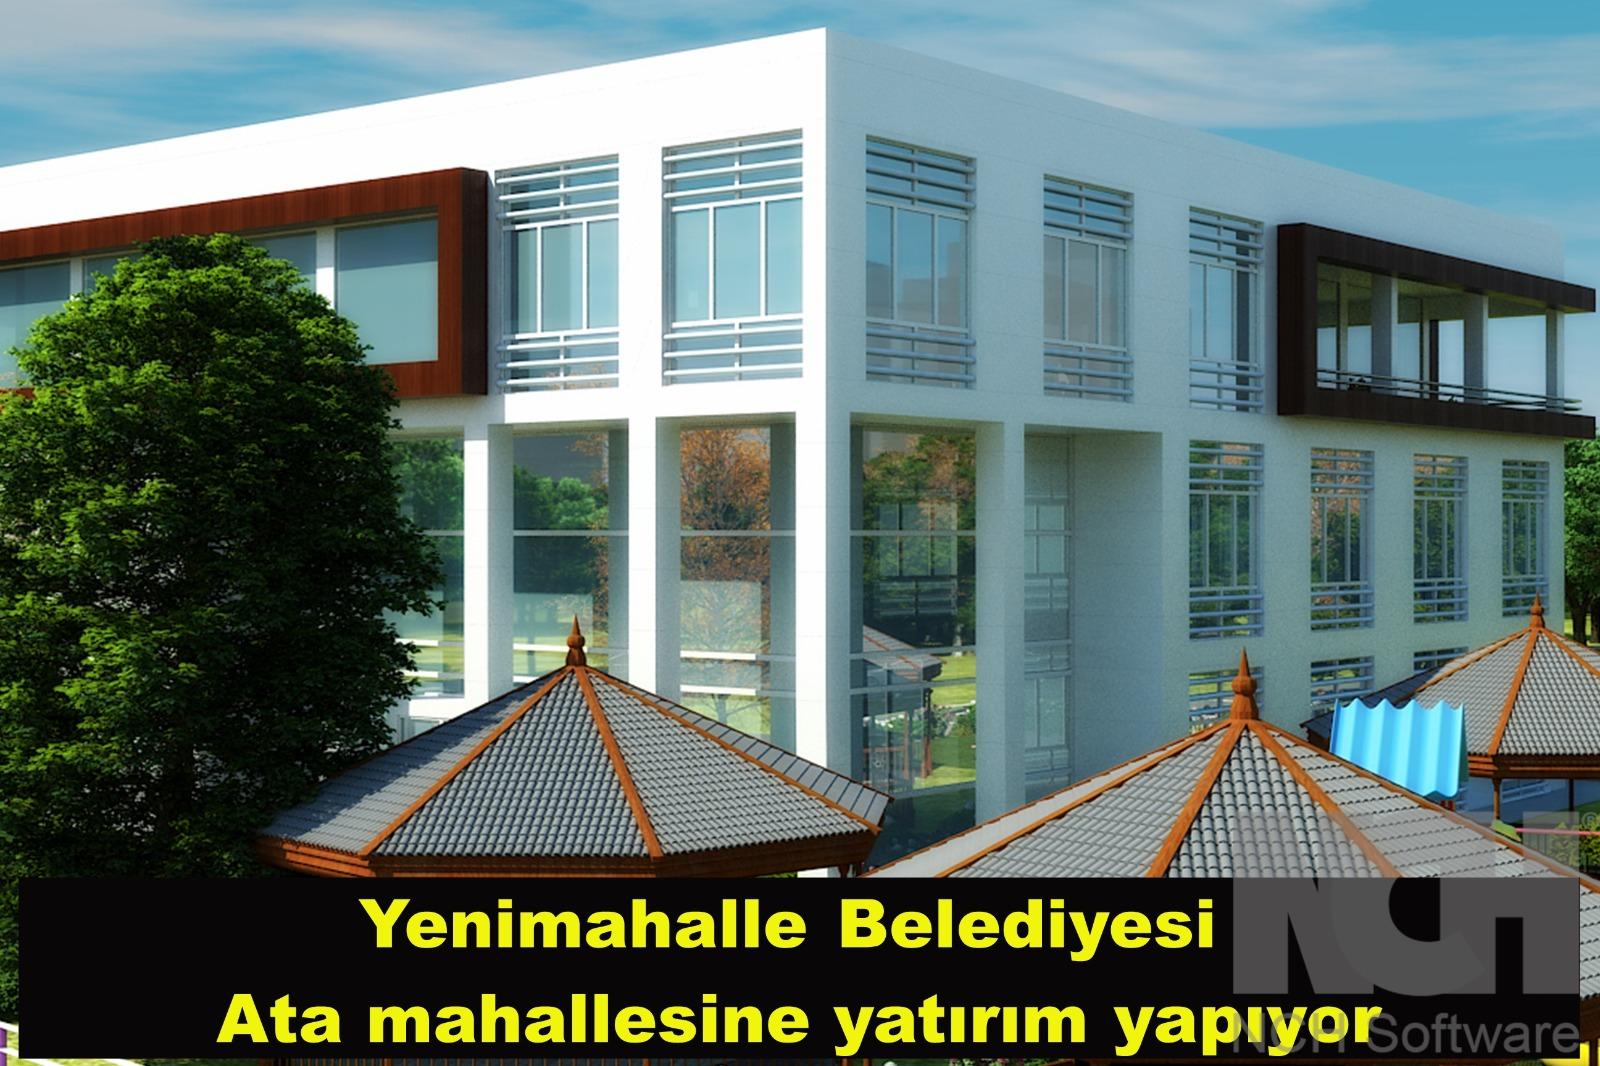 Yenimahalle Belediyesi, Ata Mahallesi'ne yatırım yapıyor